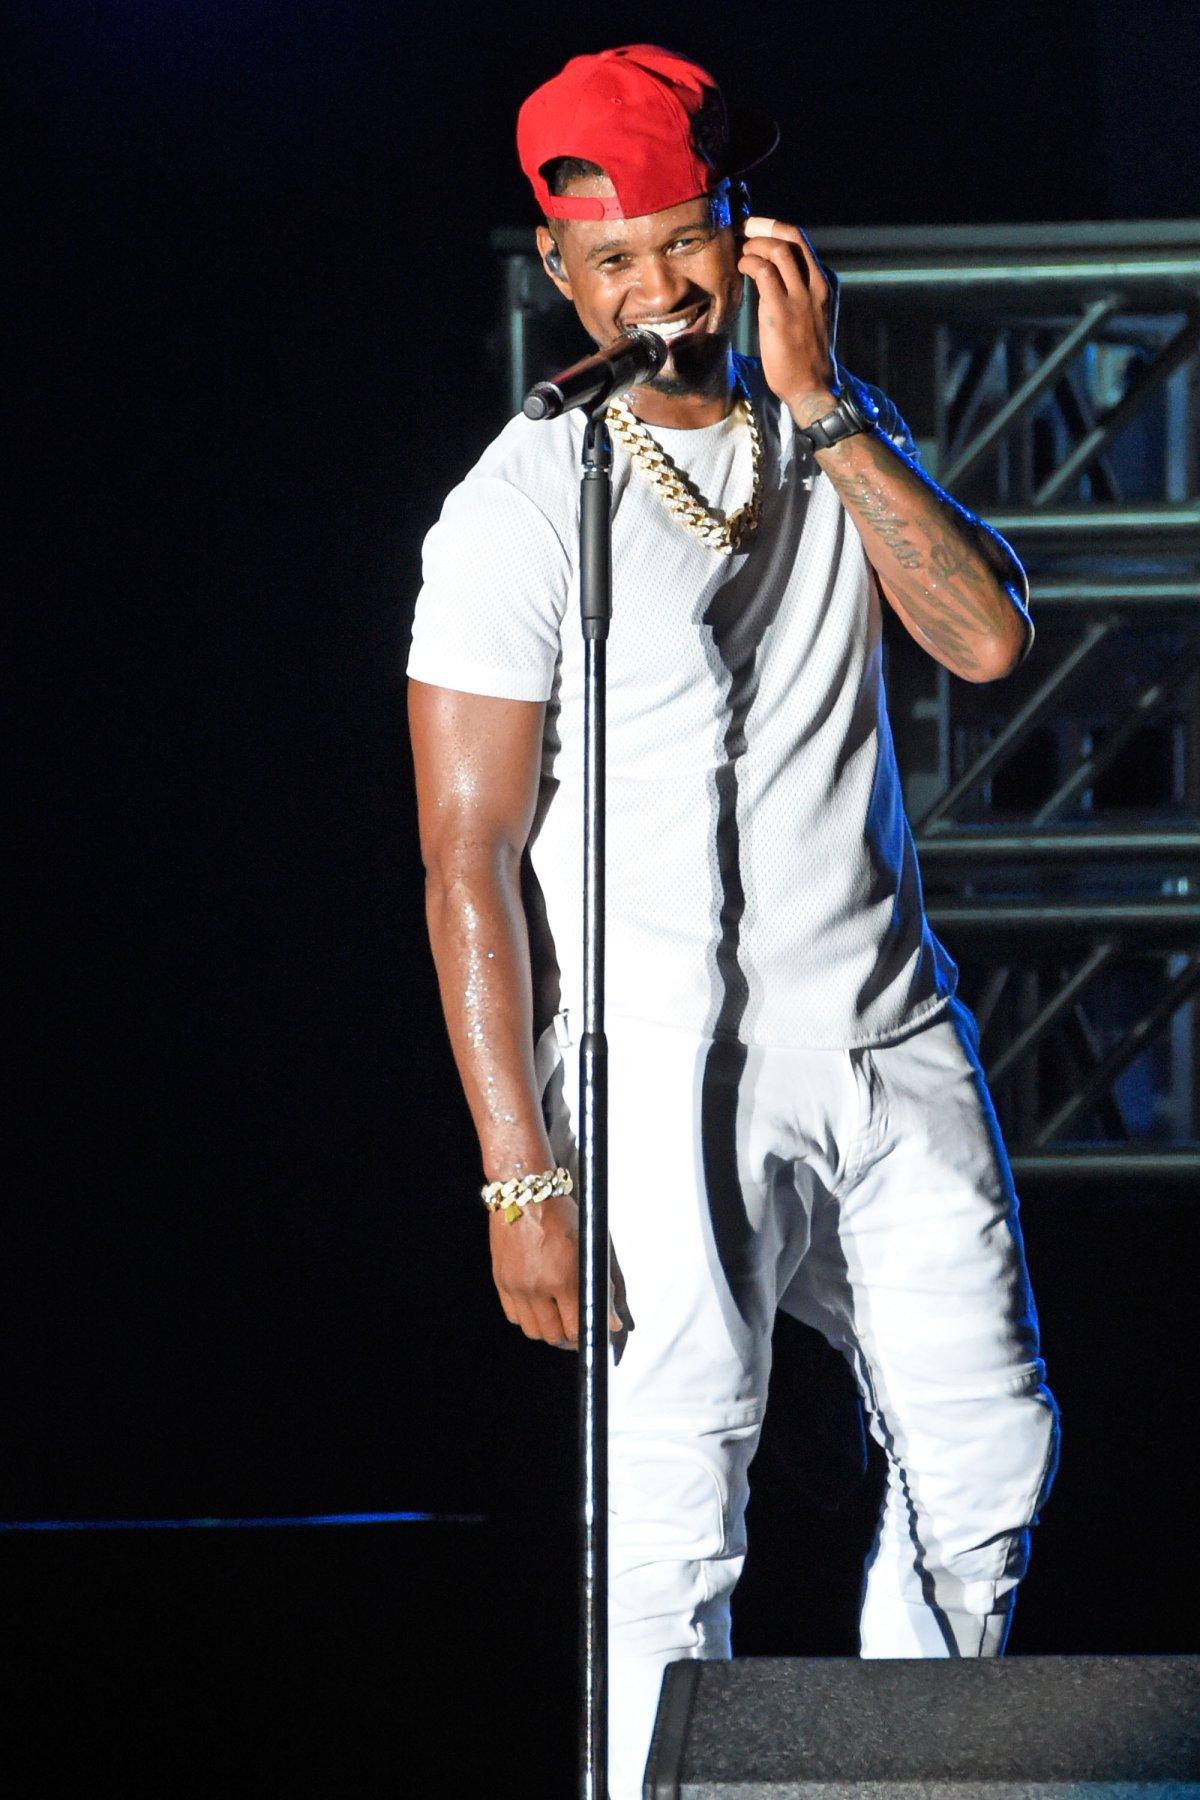 Así responde Usher a quienes lo acusan de contagiarles de esta enfermedad sexual